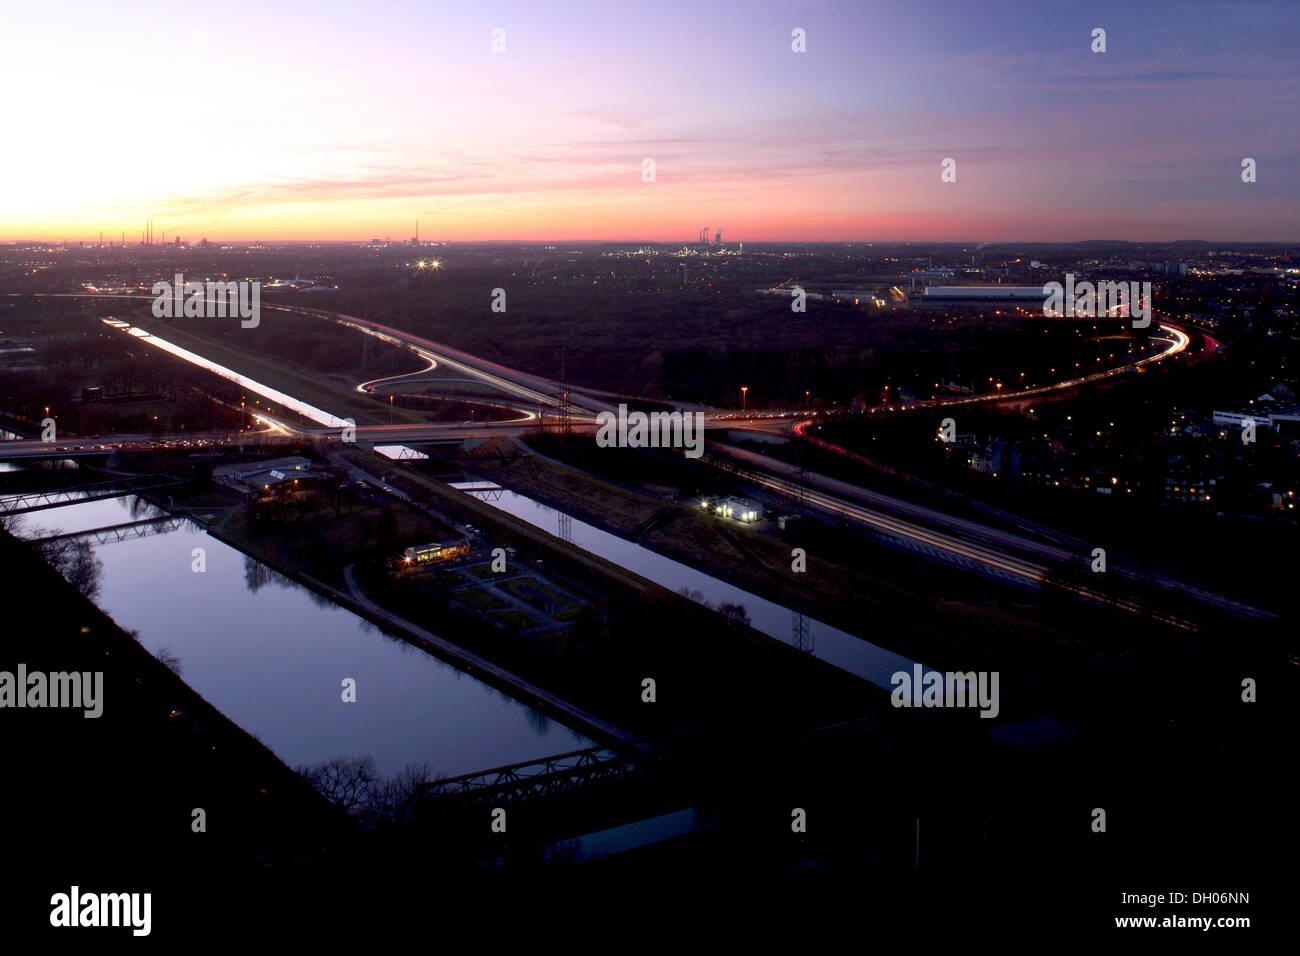 Öffentlichen Straßen im Ruhrgebiet, Rhein-Herne-Kanal, Emscher, 42 Autobahn, Oberhausen, Ruhrgebiet, Nordrhein-Westfalen Stockbild